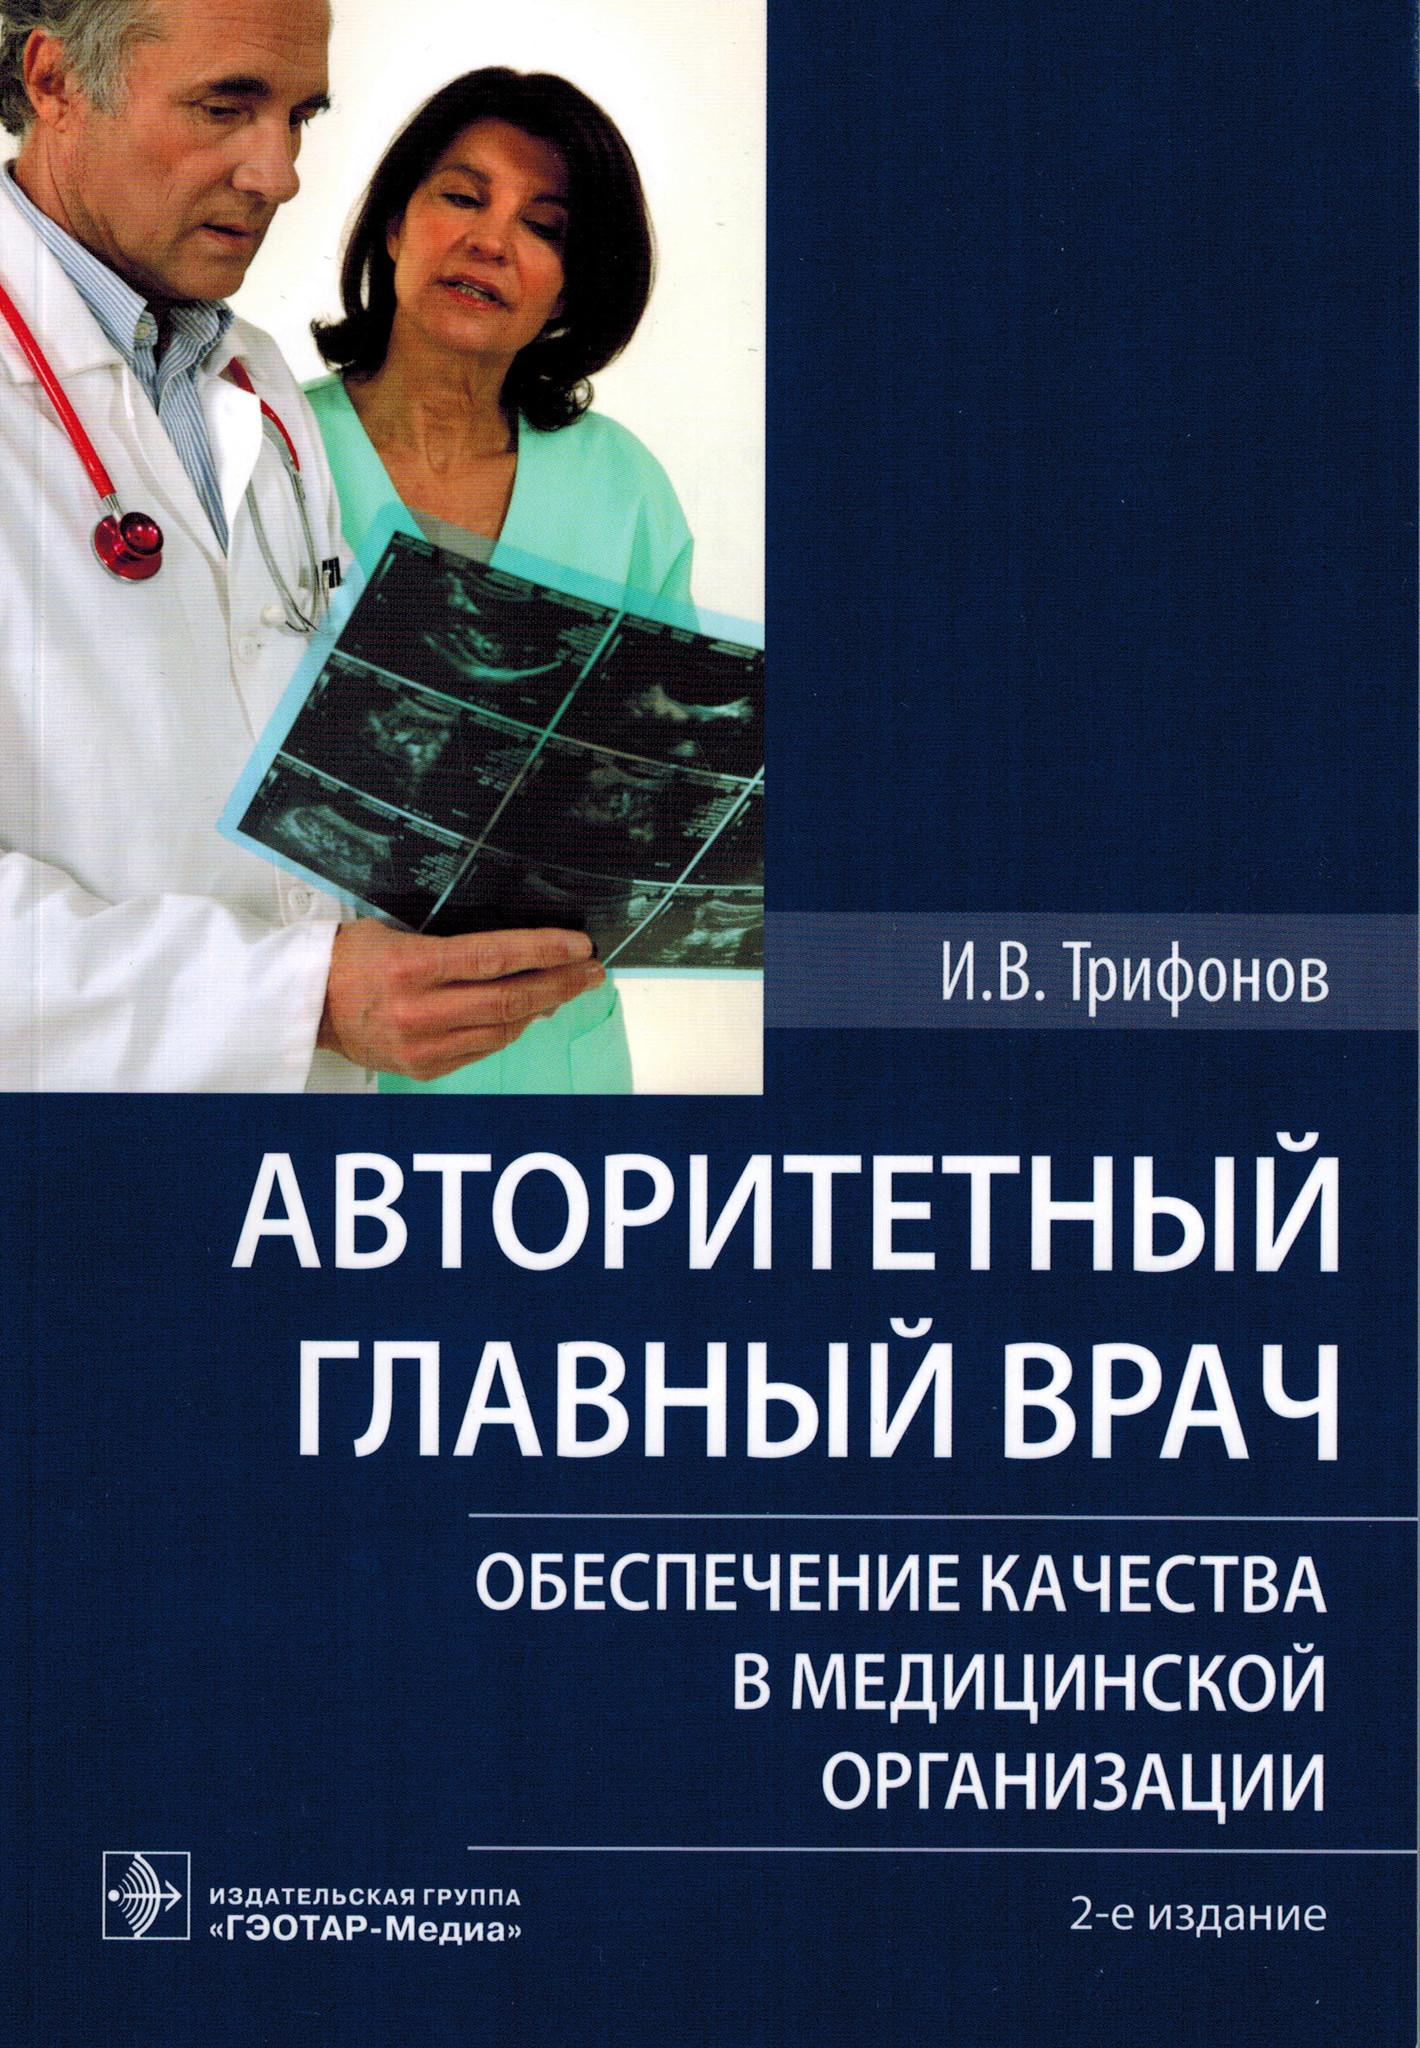 Разное Авторитетный главный врач: обеспечение качества в медицинской организации agv.jpg